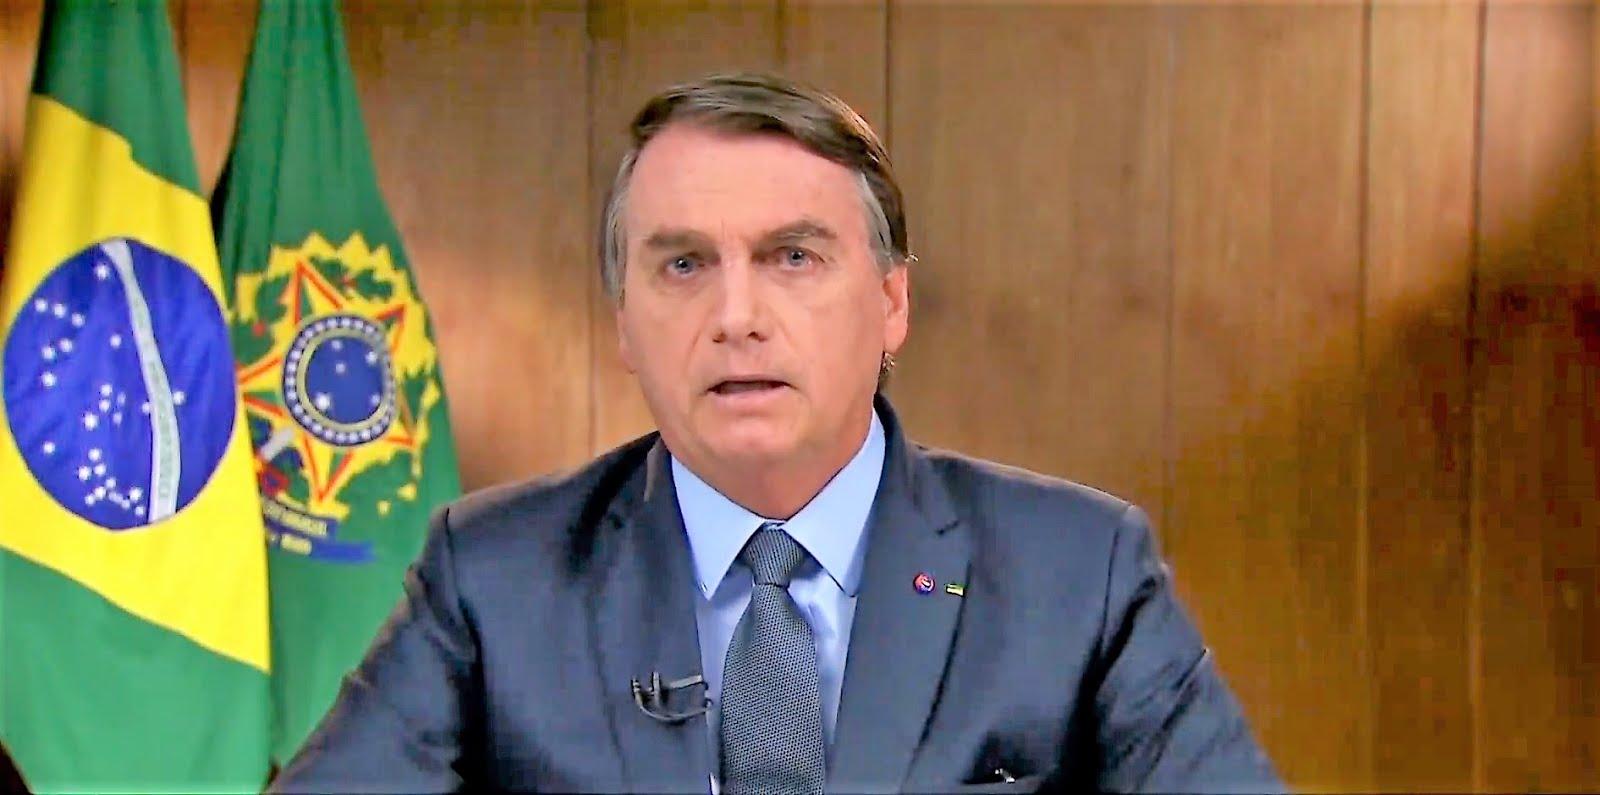 Pronunciamento do presidente Jair Bolsonaro na Assembleia Geral da ONU, 22 de setembro de 2020